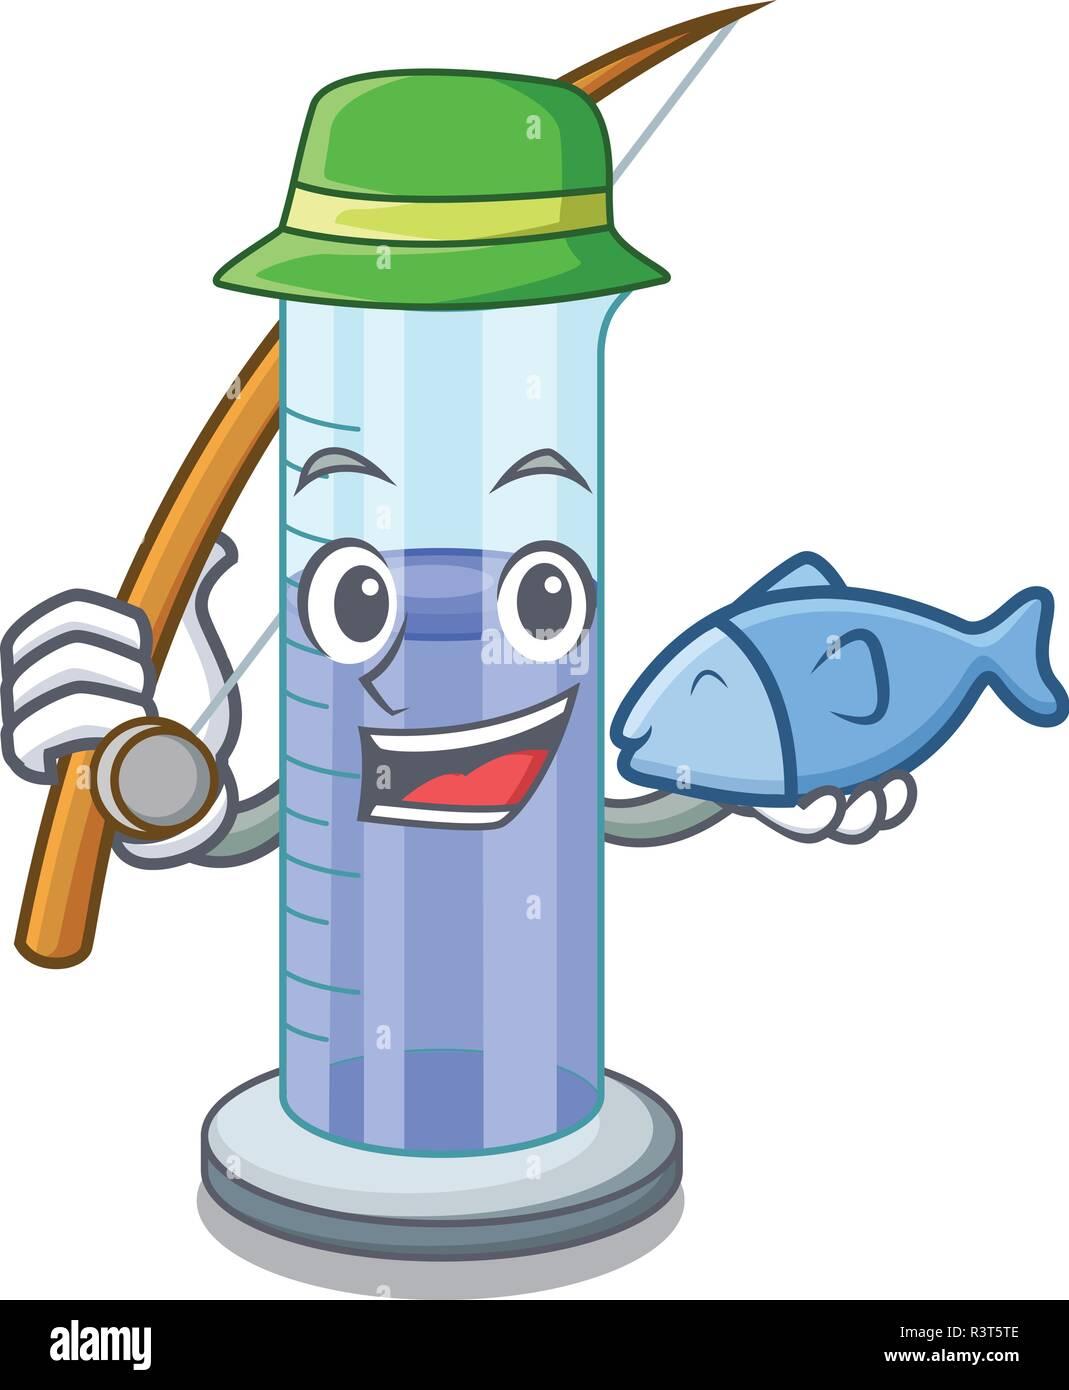 En forme de cylindre gradué de pêche isolé sur cartoon Photo Stock